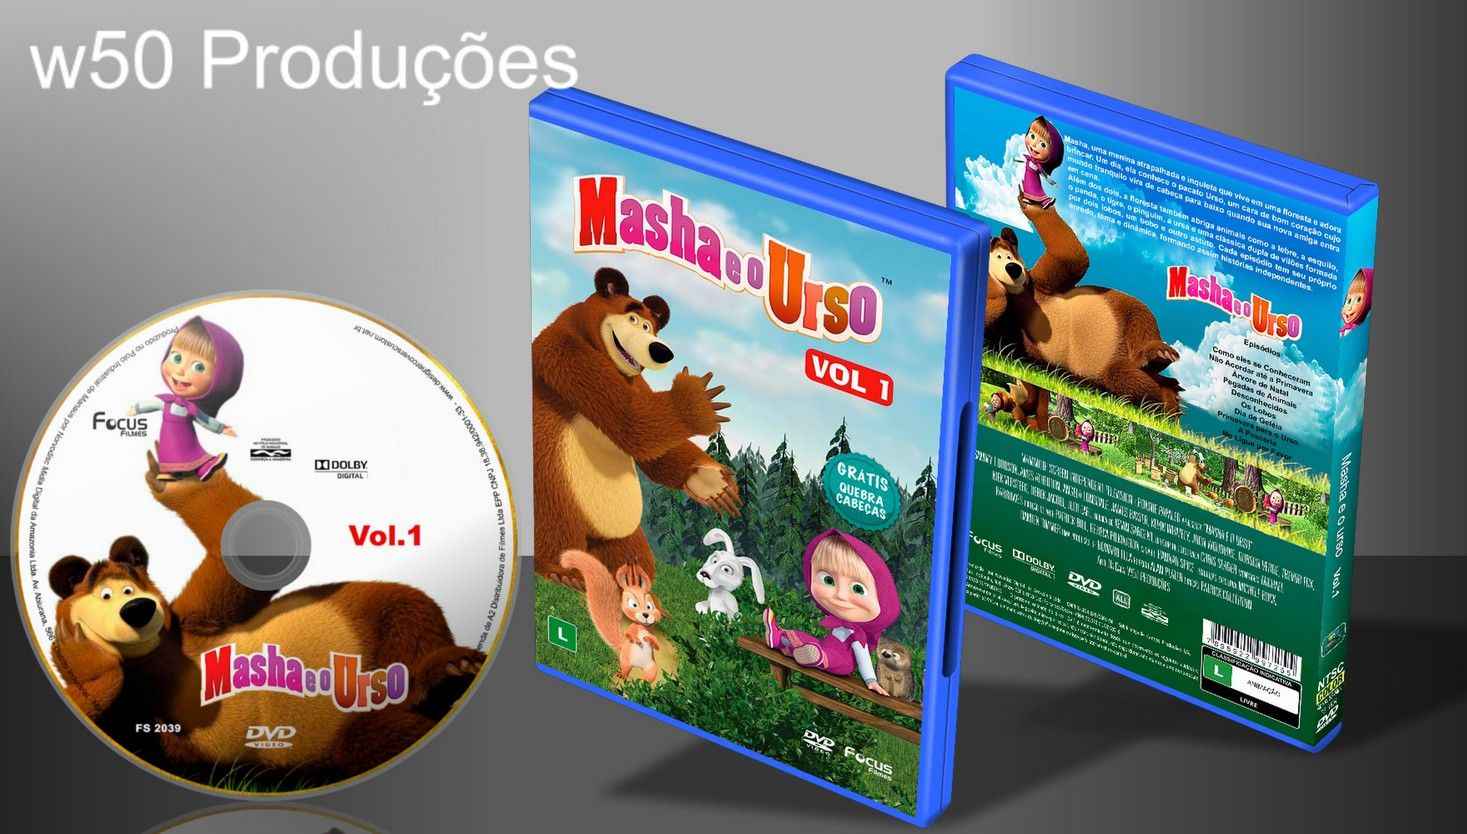 Masha E O Urso Vol.1 - Capa 1 - ➨ Vitrine - Galeria De Capas - MundoNet | Capas & Labels Customizados